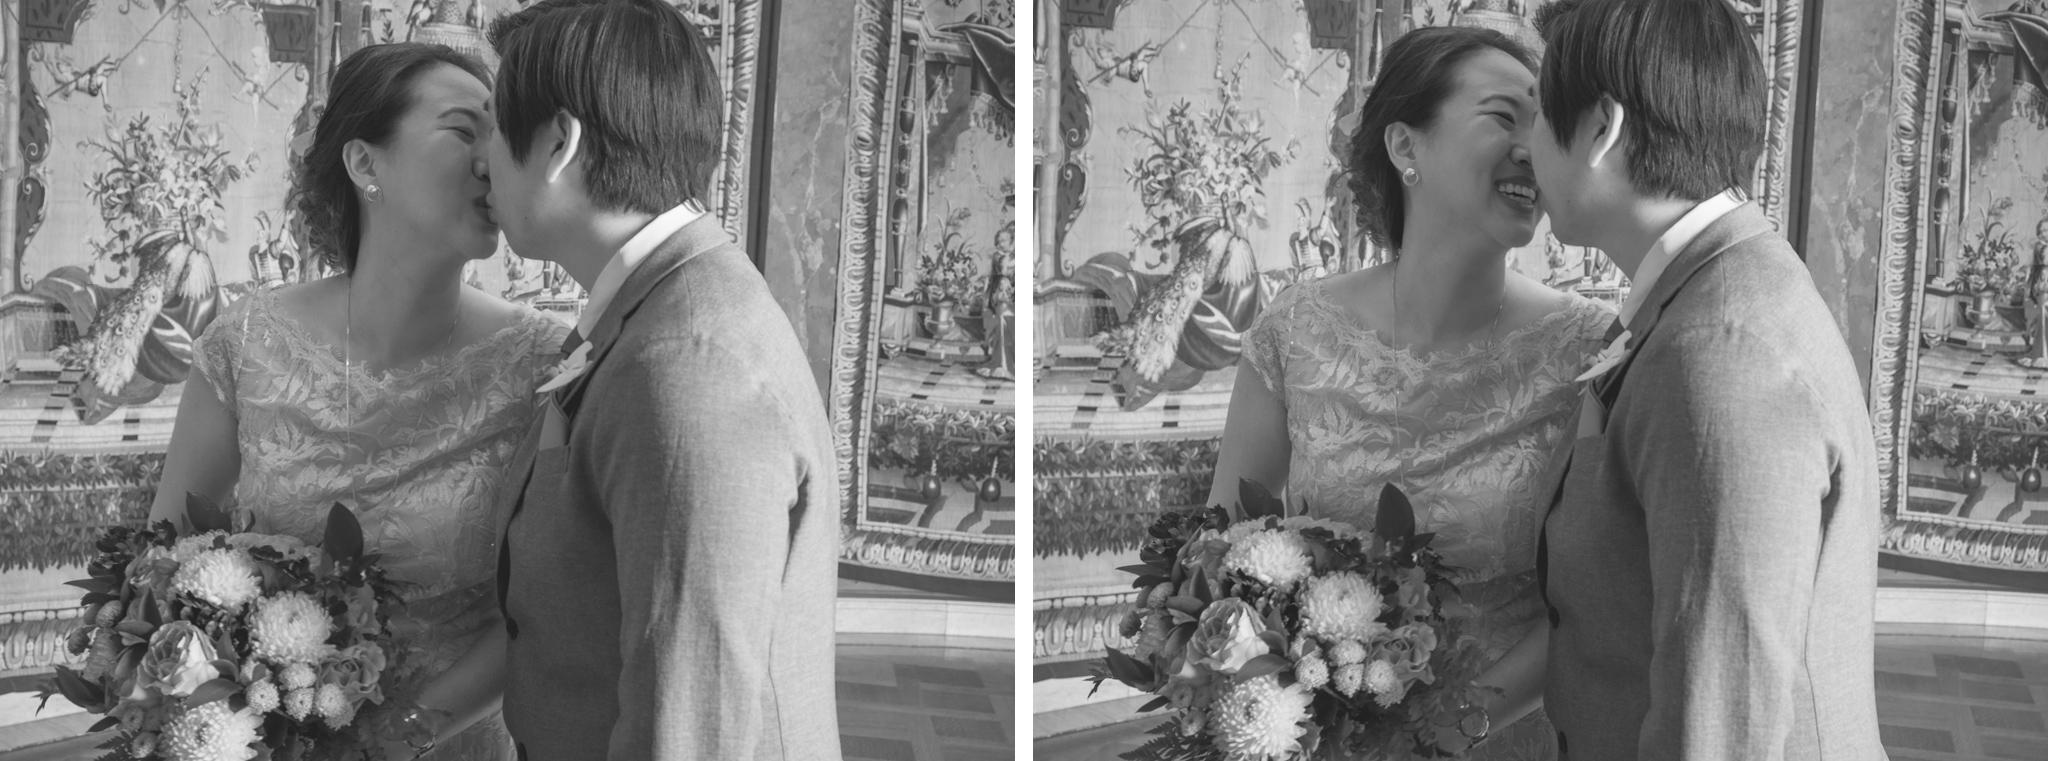 brollop i stockholms stadshus